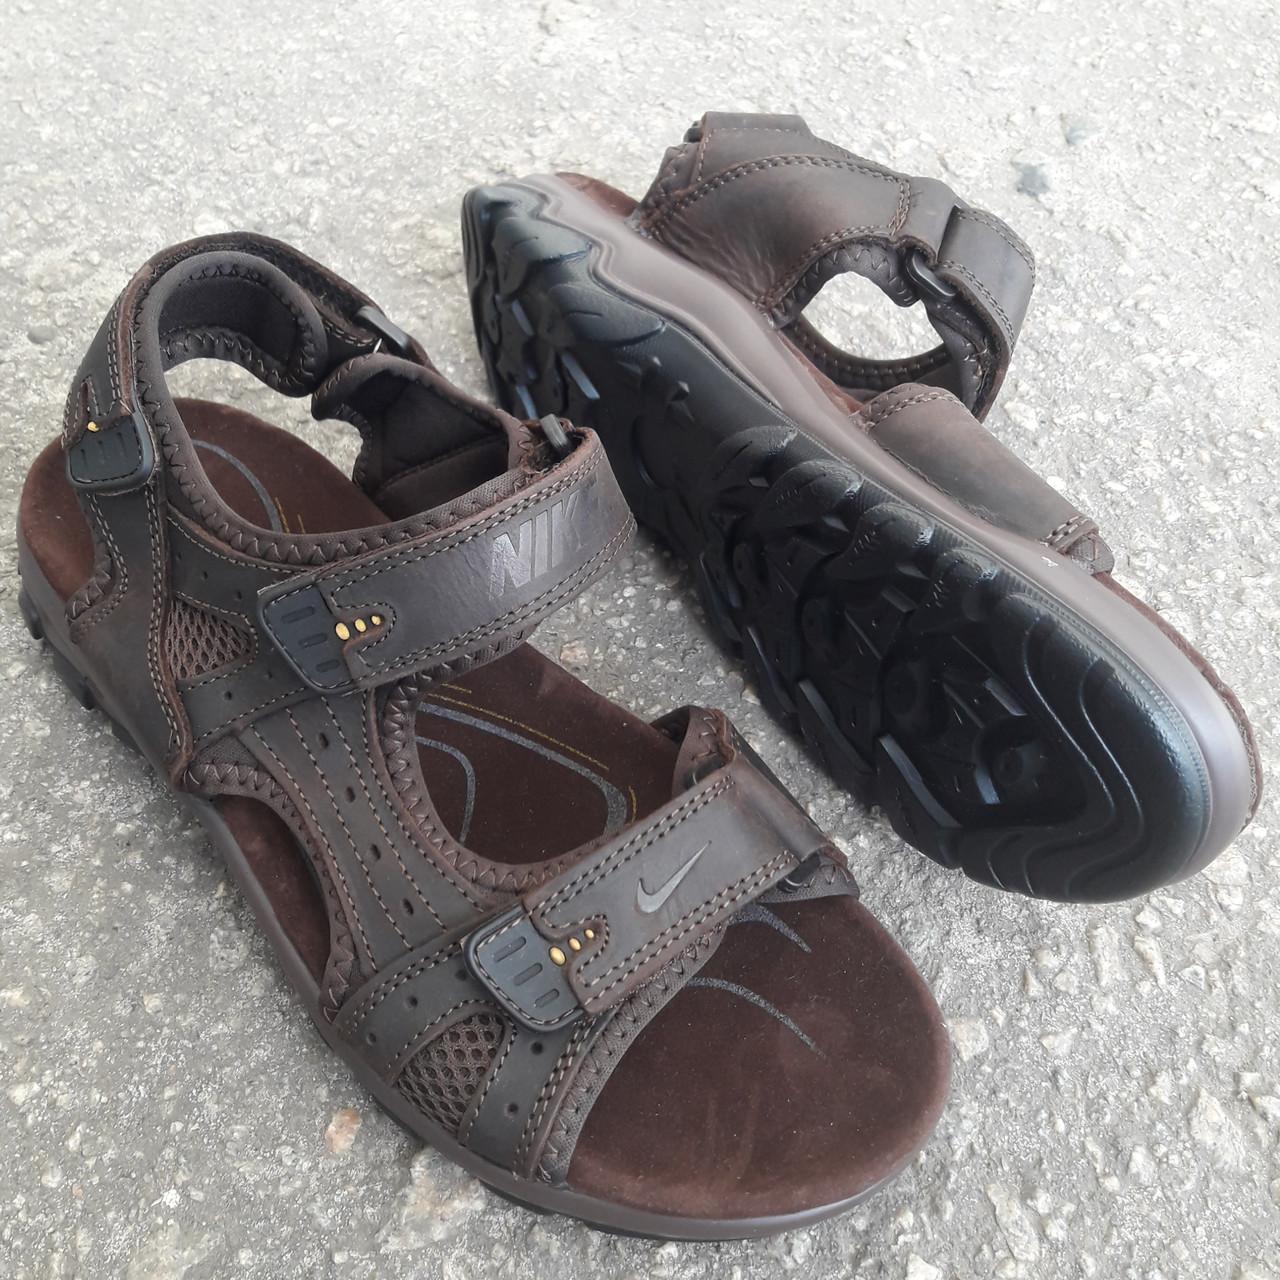 Сандалі чоловічі шкіряні р. 45 коричневі Nike